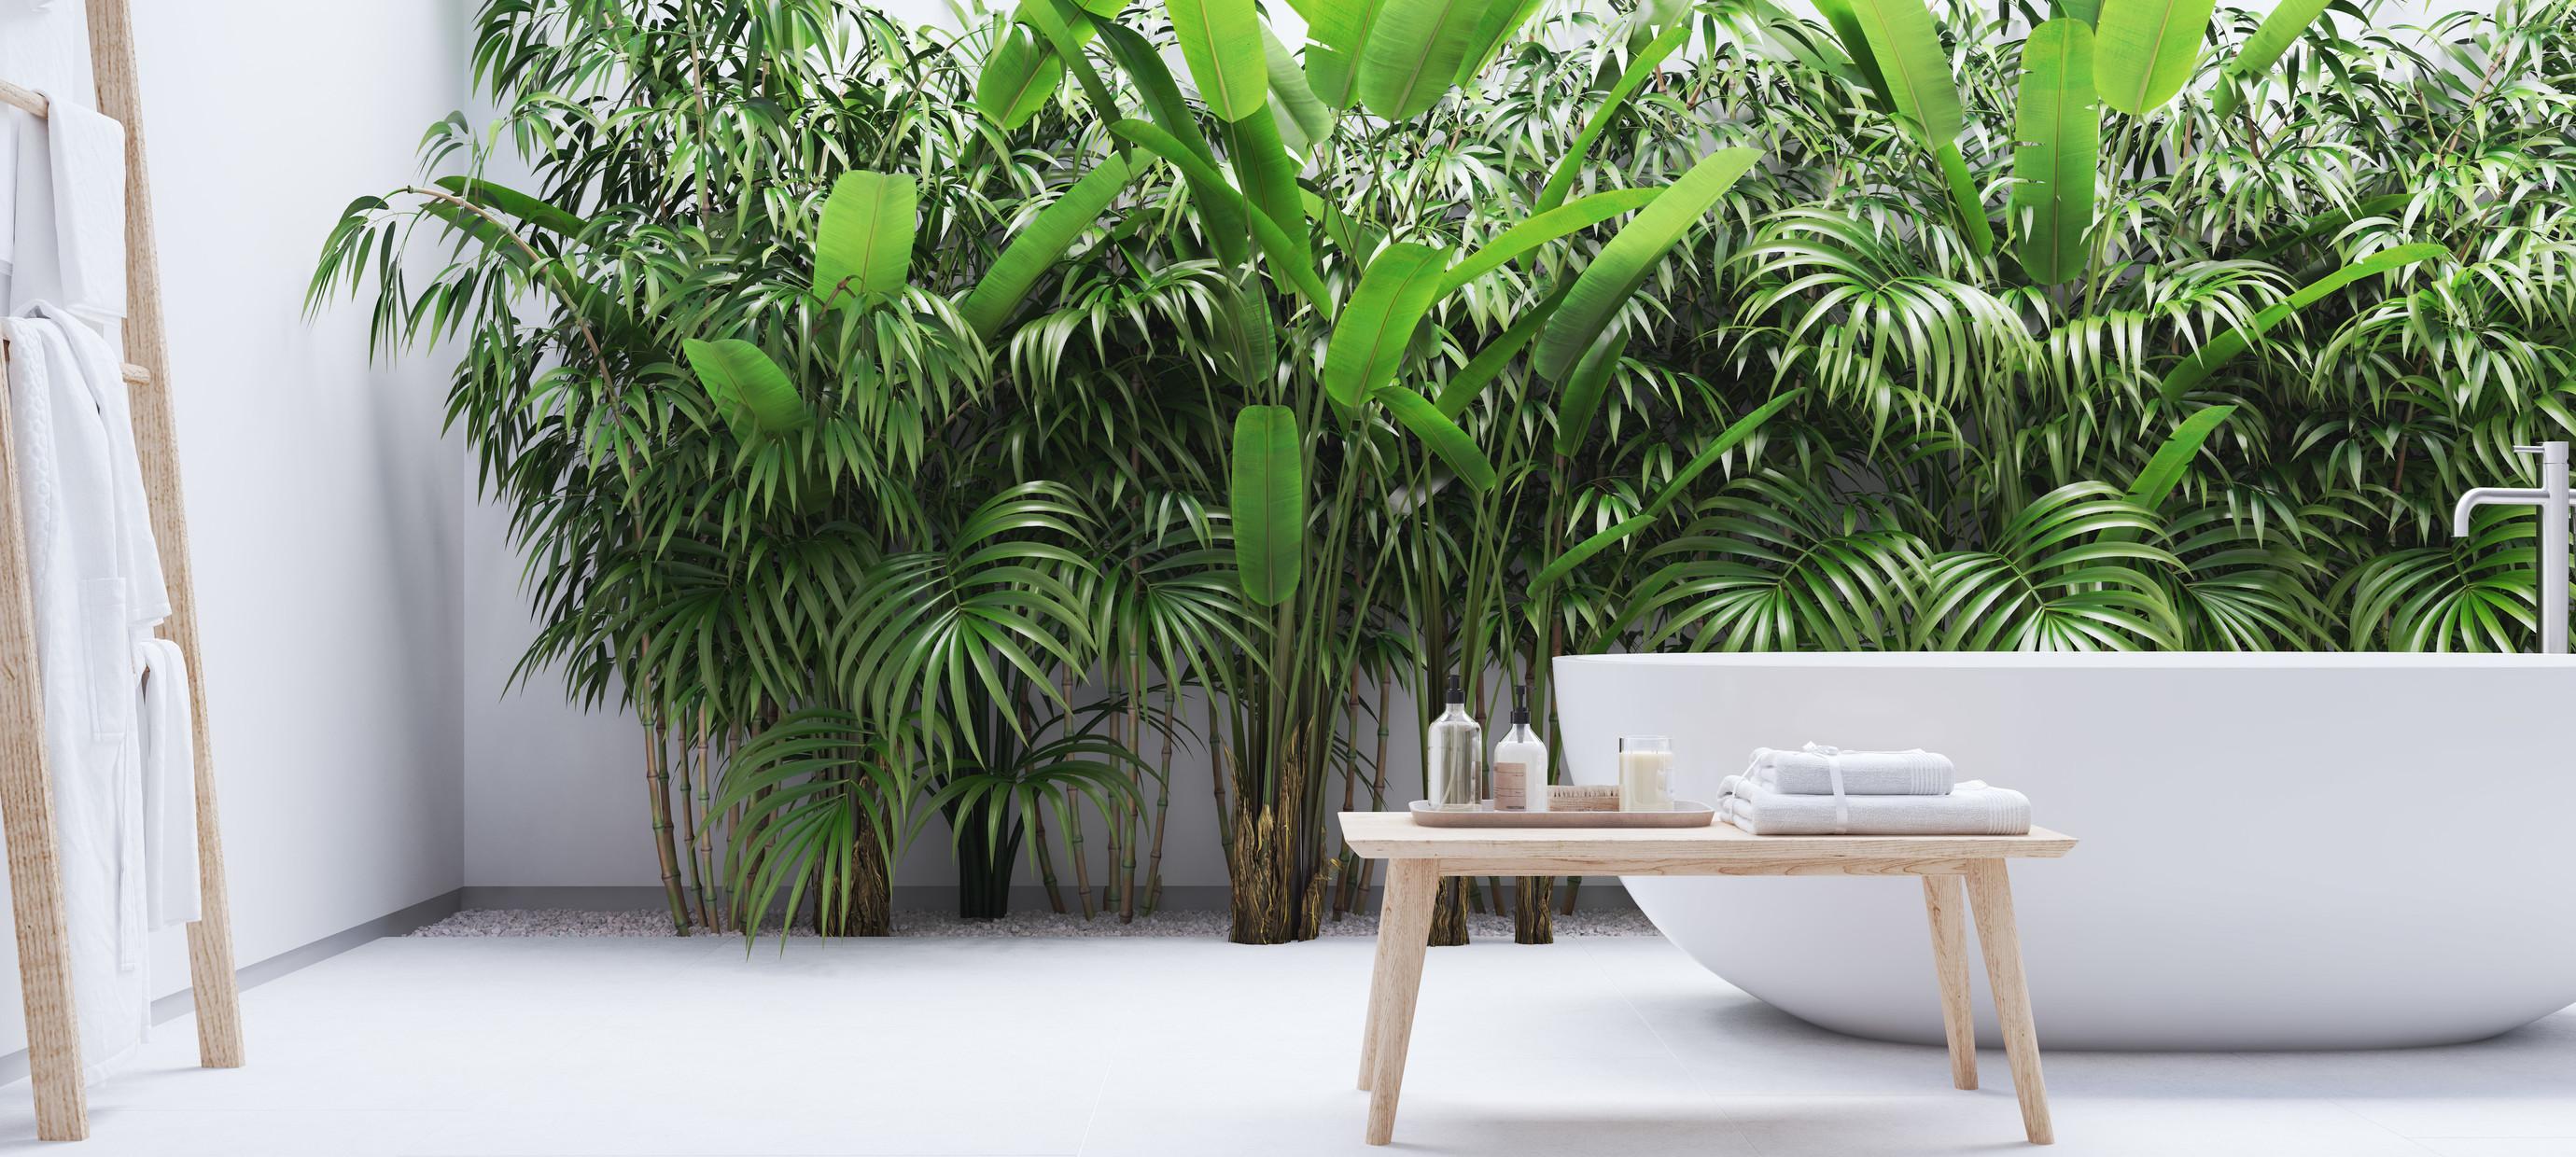 Creëer een botanische spa-oase in je badkamer met planten